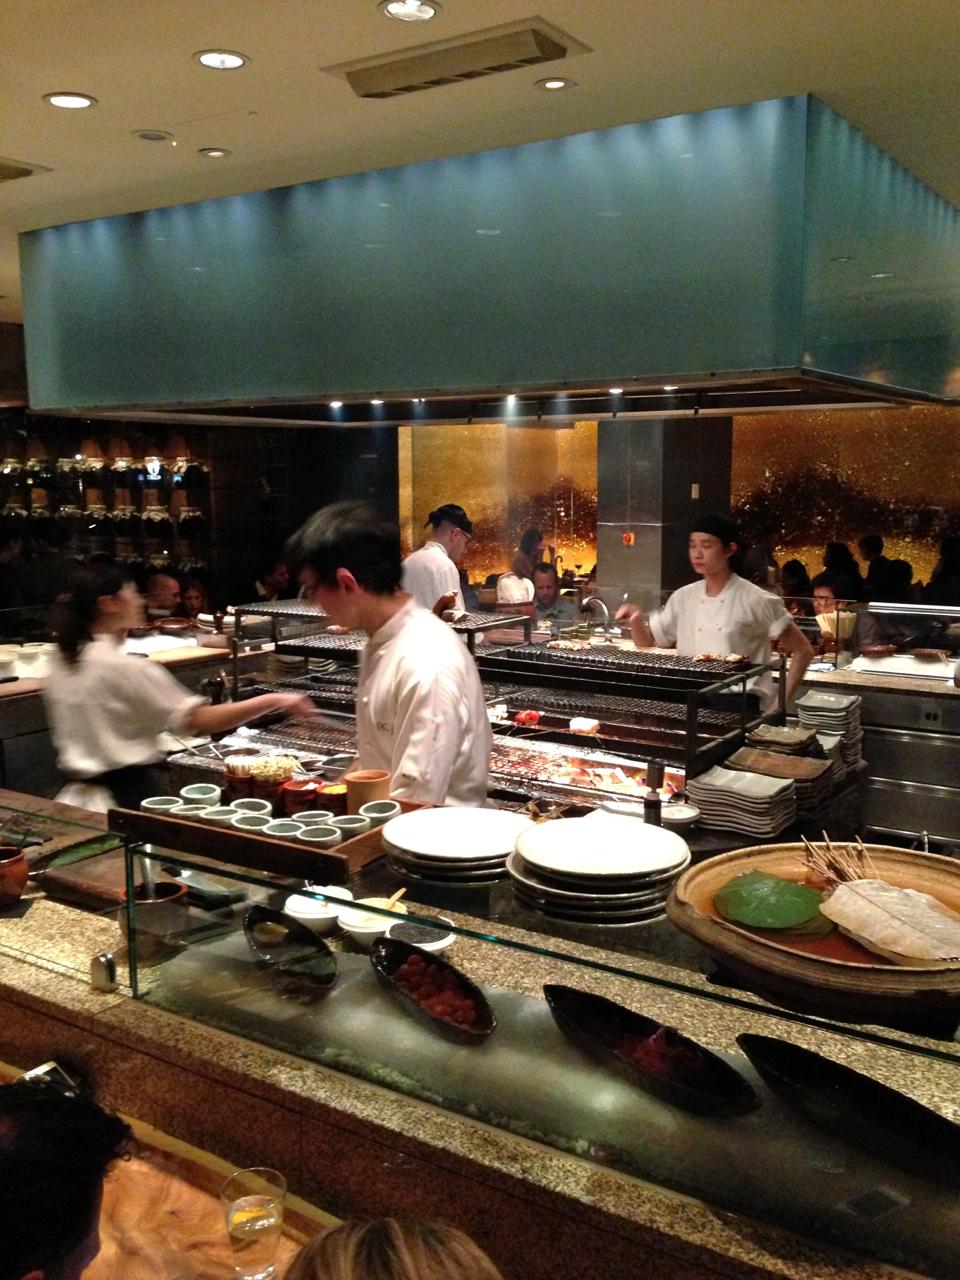 Subimos ao restaurante para a nossa mesa.  O robatayaki fica no meio do salão, mas garanto que nem o cabelo nem a roupa ficou cheirando a comida!